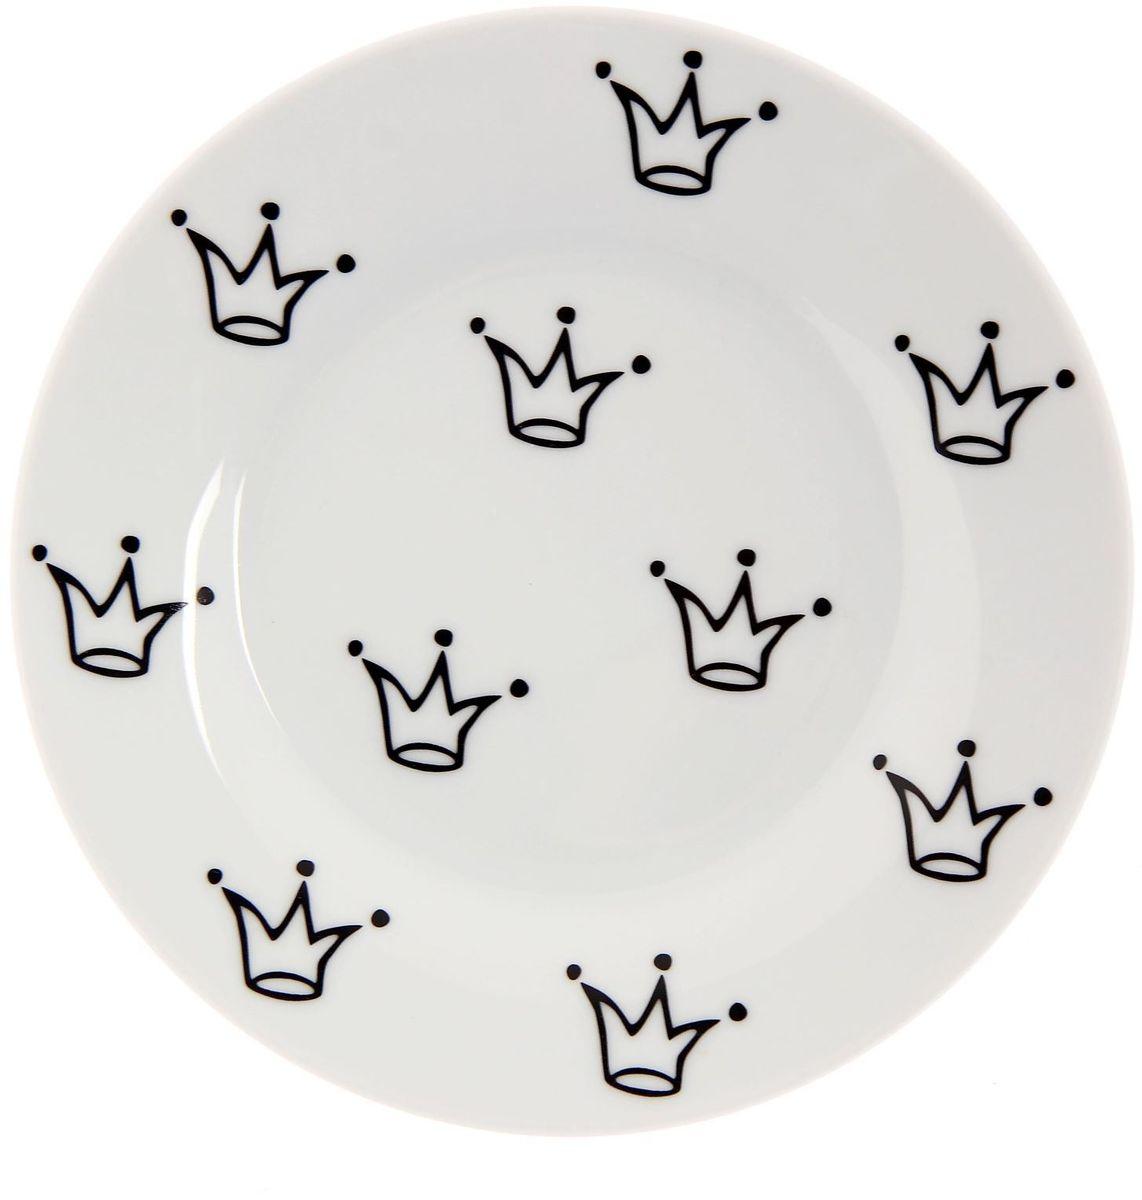 Тарелка мелкая Сотвори чудо My Little Crown, диаметр 15,5 см115510Хотите обновить интерьер кухни или гостиной? Устраиваете необычную фотосессию или тематический праздник? А может, просто ищете подарок для близкого человека? Посуда Сотвори Чудо — правильный выбор в любой ситуации. Тарелка Сотвори Чудо, изготовленная из изящного фаянса нежного сливочного цвета, оформлена оригинальным рисунком со стойкой краской. Пригодна для посудомоечной машины.